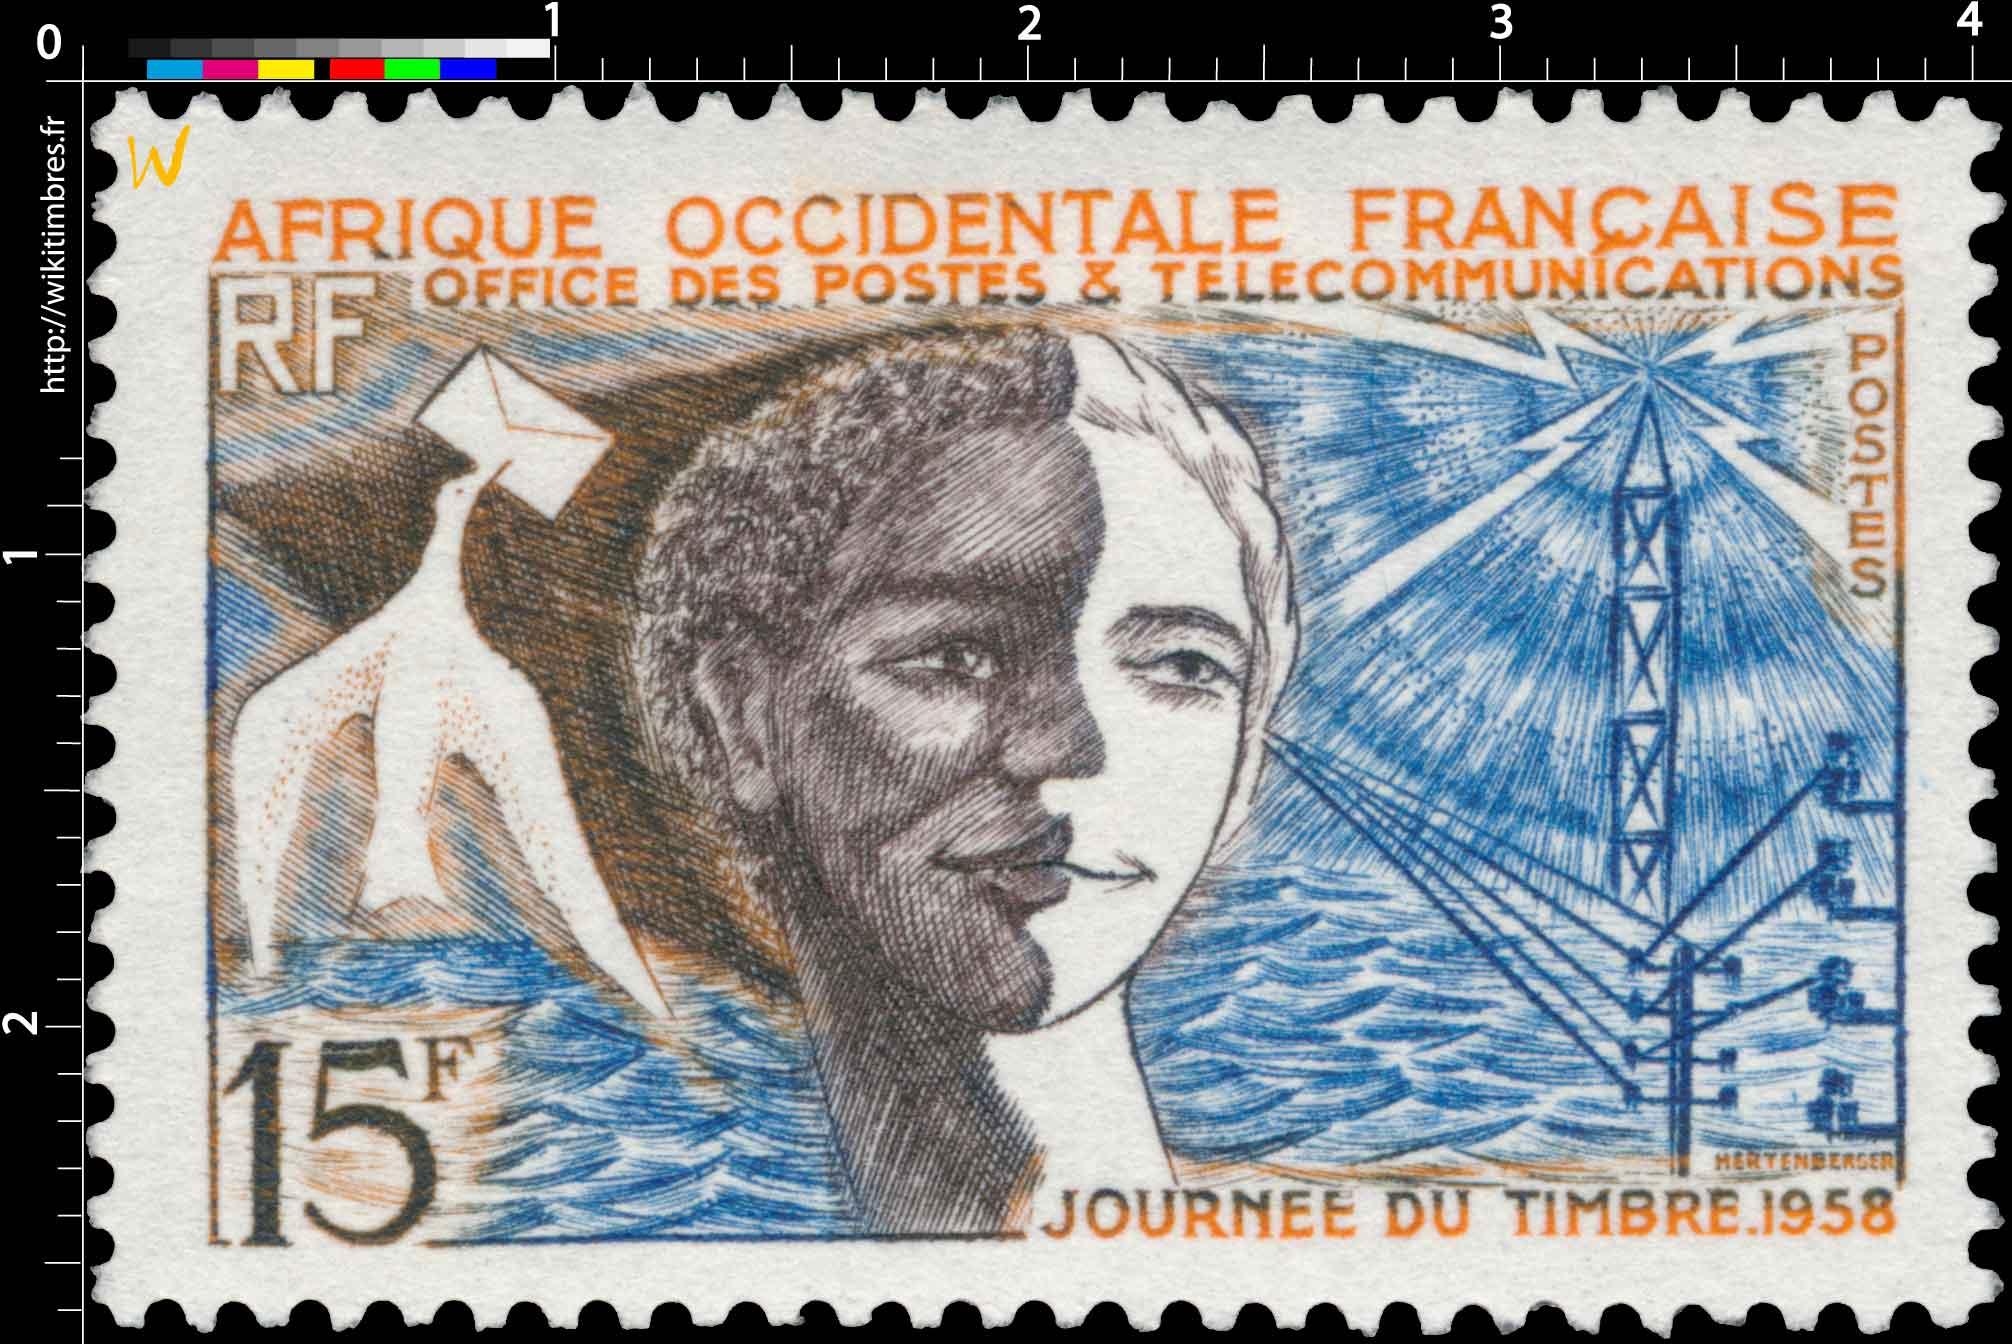 Afrique Occidentale Française - Journée du timbre 1958